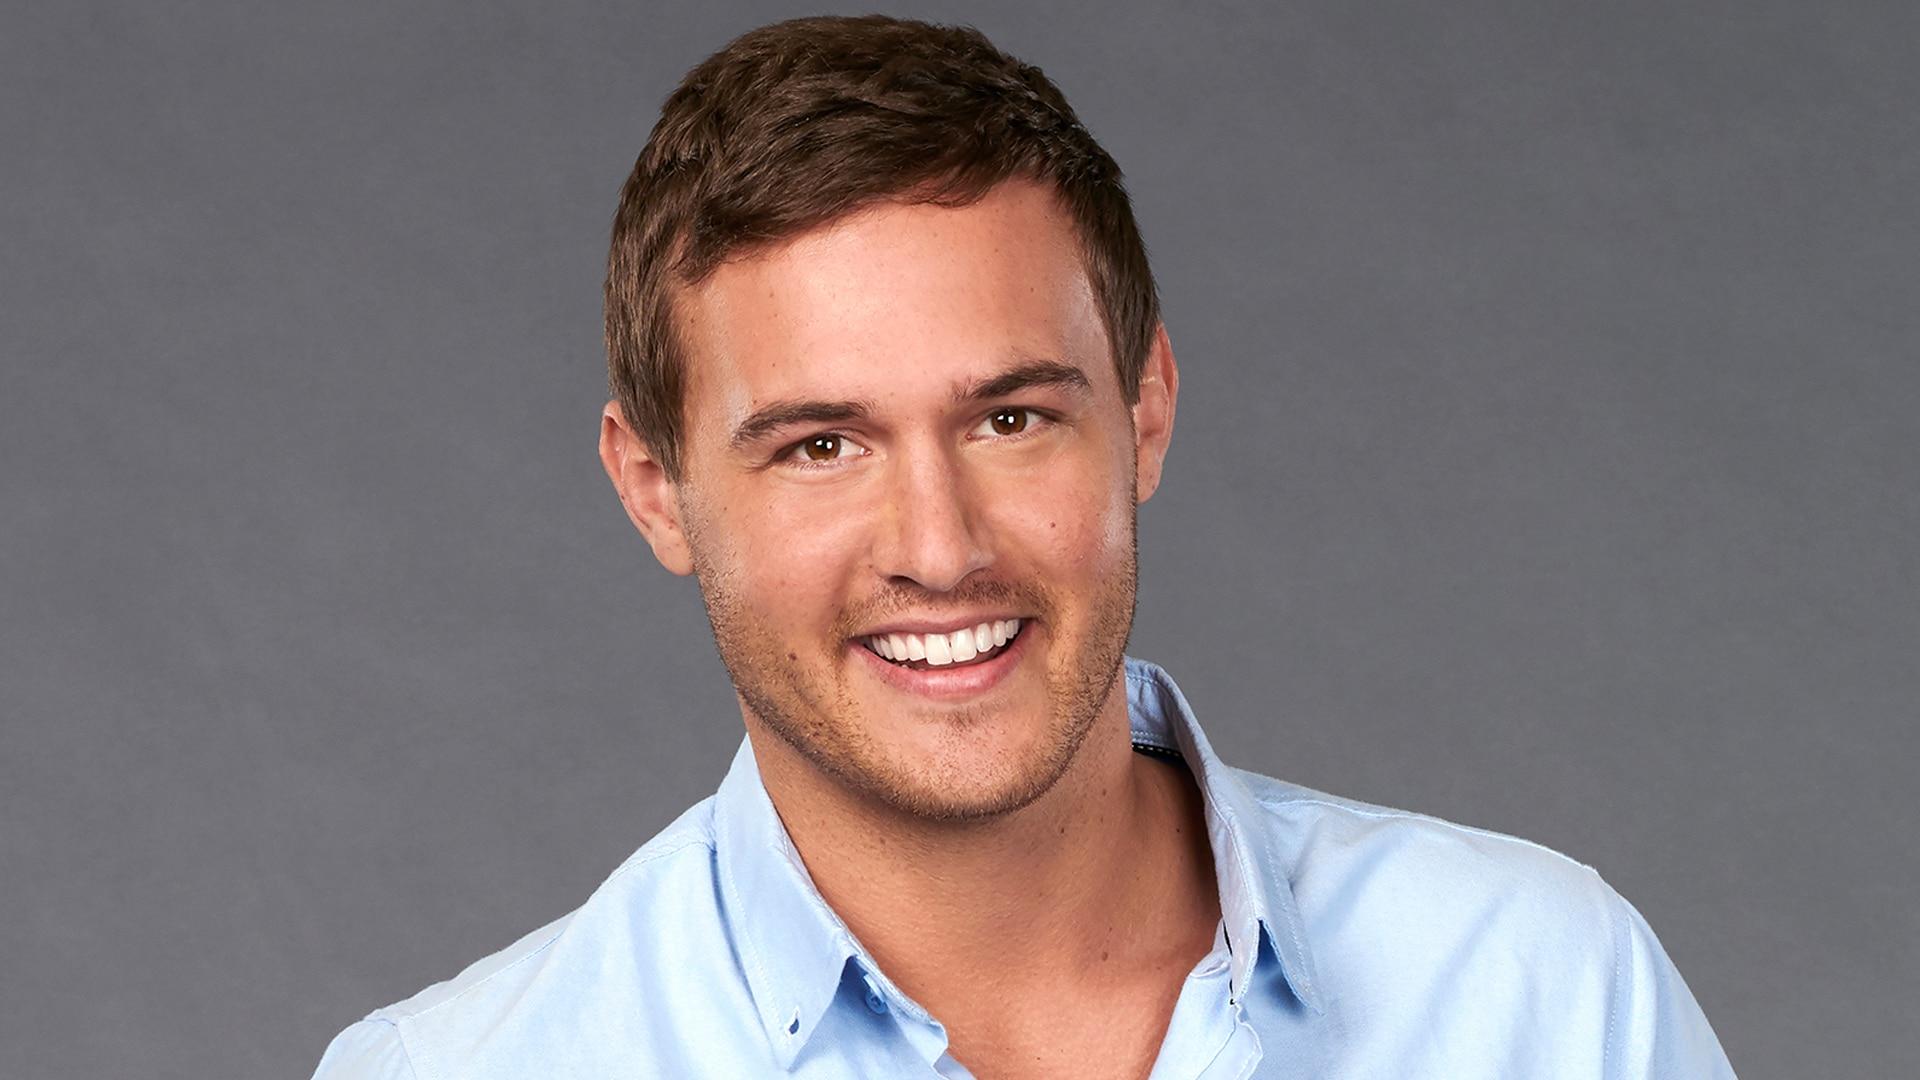 Bachelor Stars Share Advice for New Bachelor Peter Weber